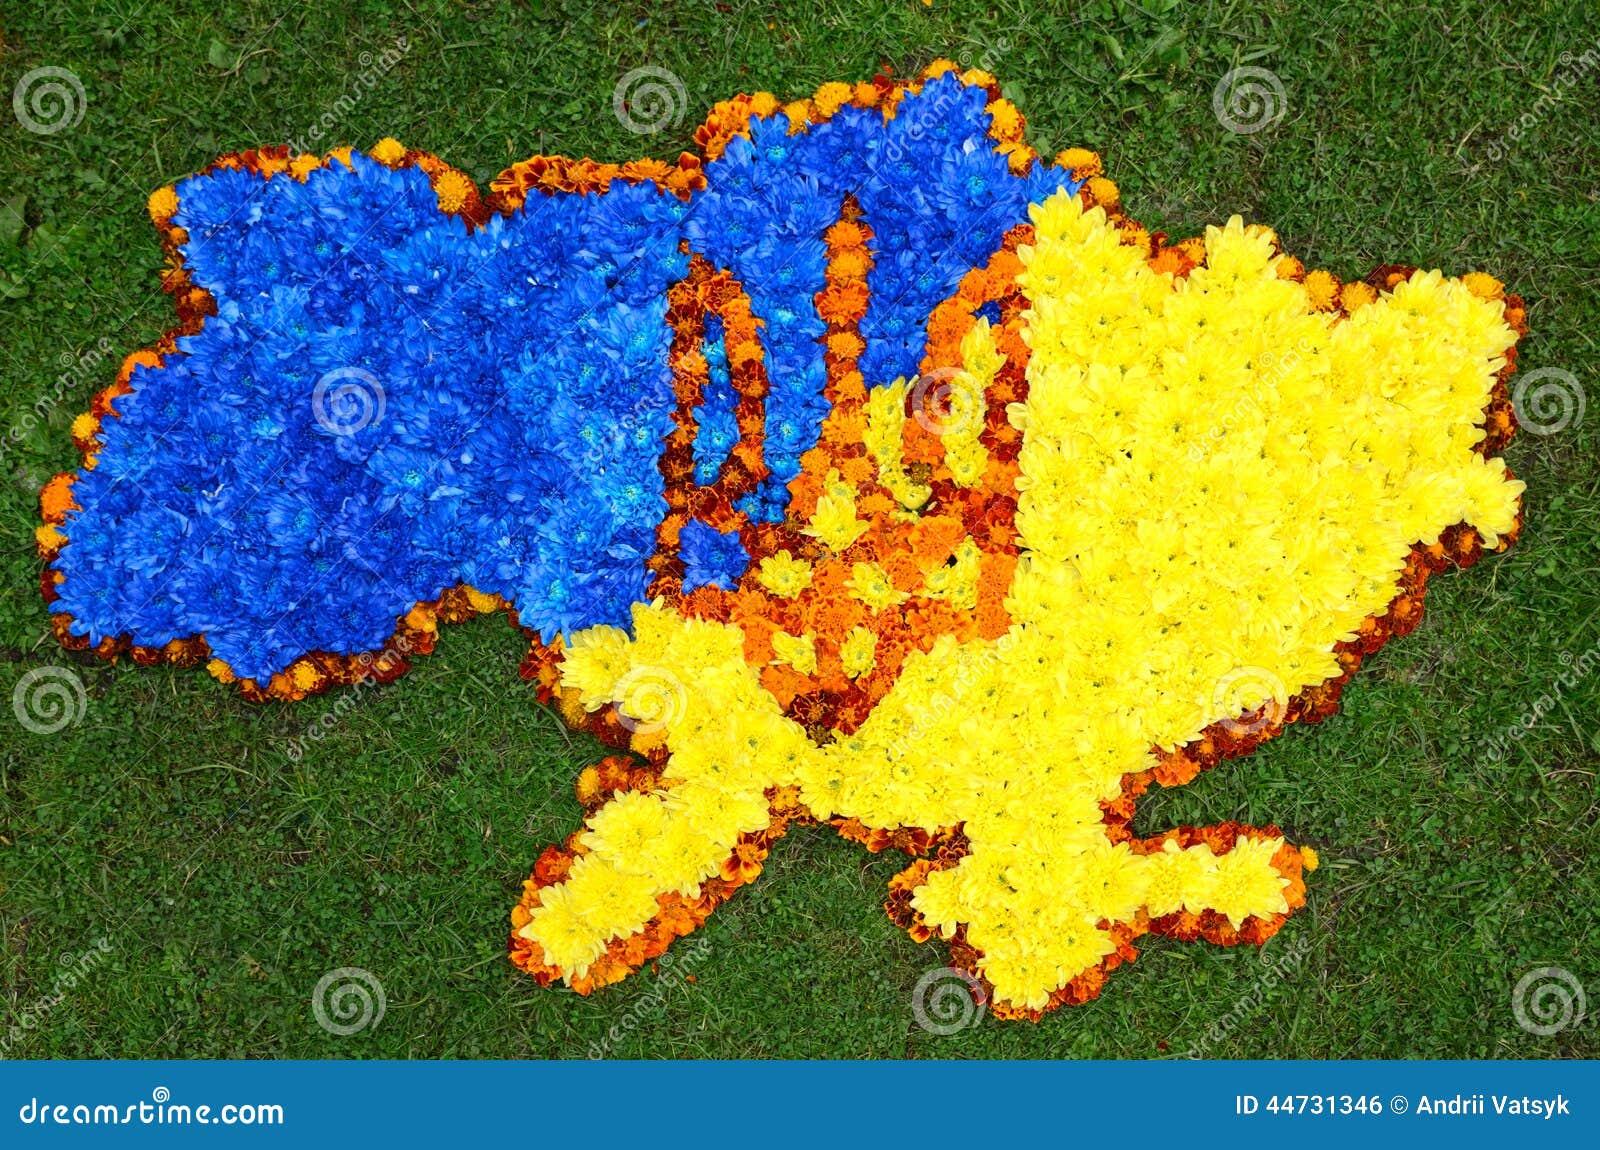 Как сделать чтобы в украине было хорошо